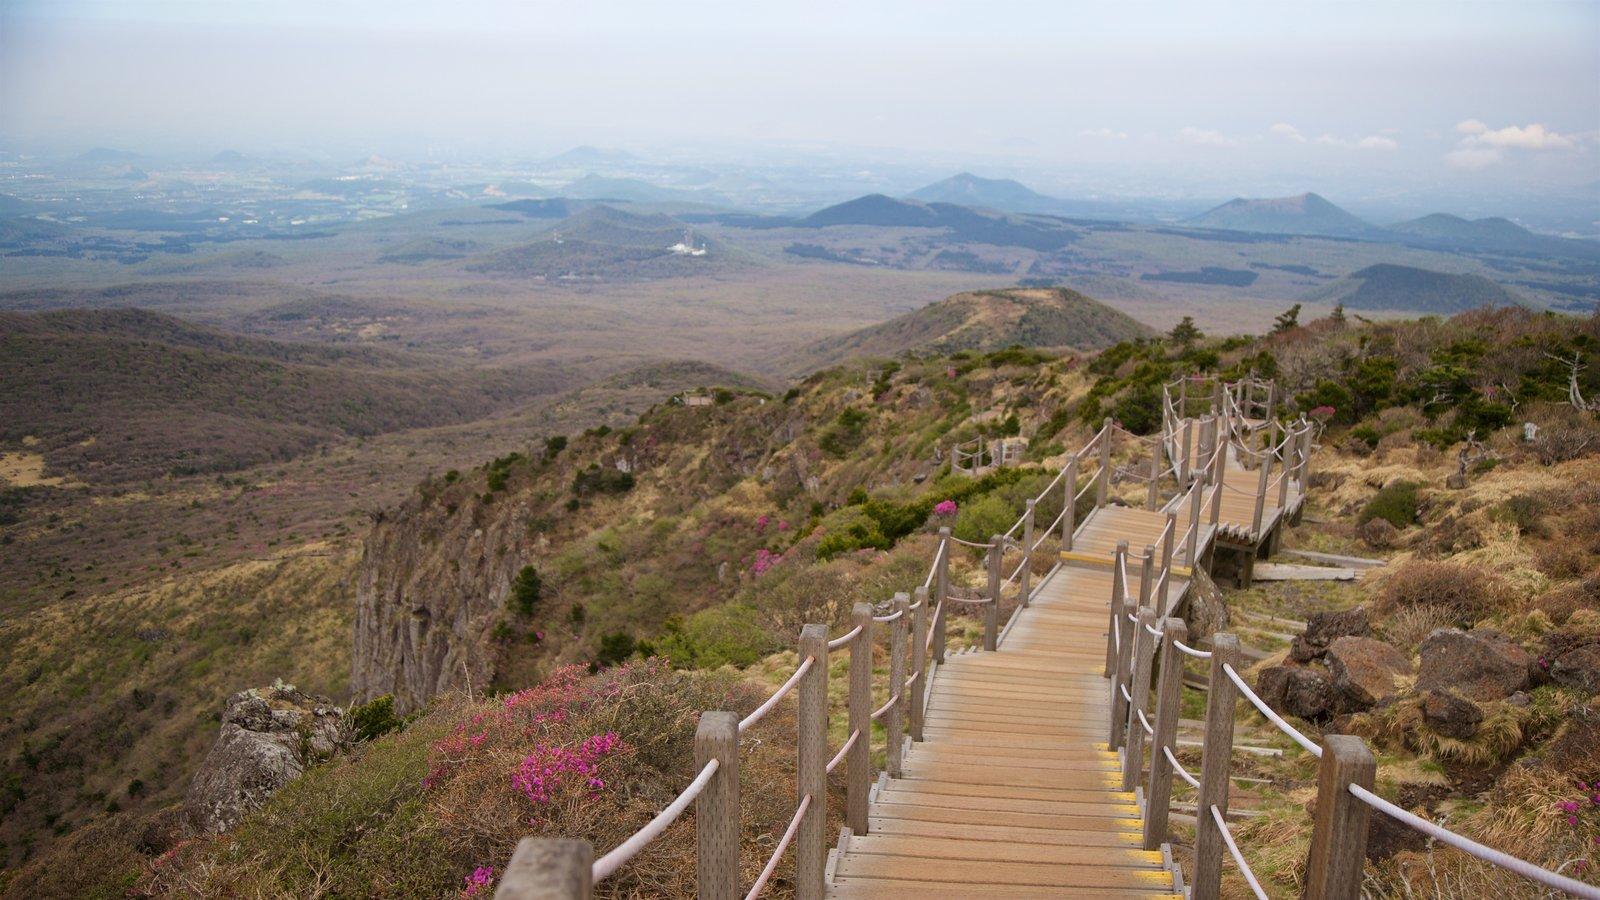 Parque Nacional de Hallasan ofreciendo vistas de paisajes y escenas tranquilas